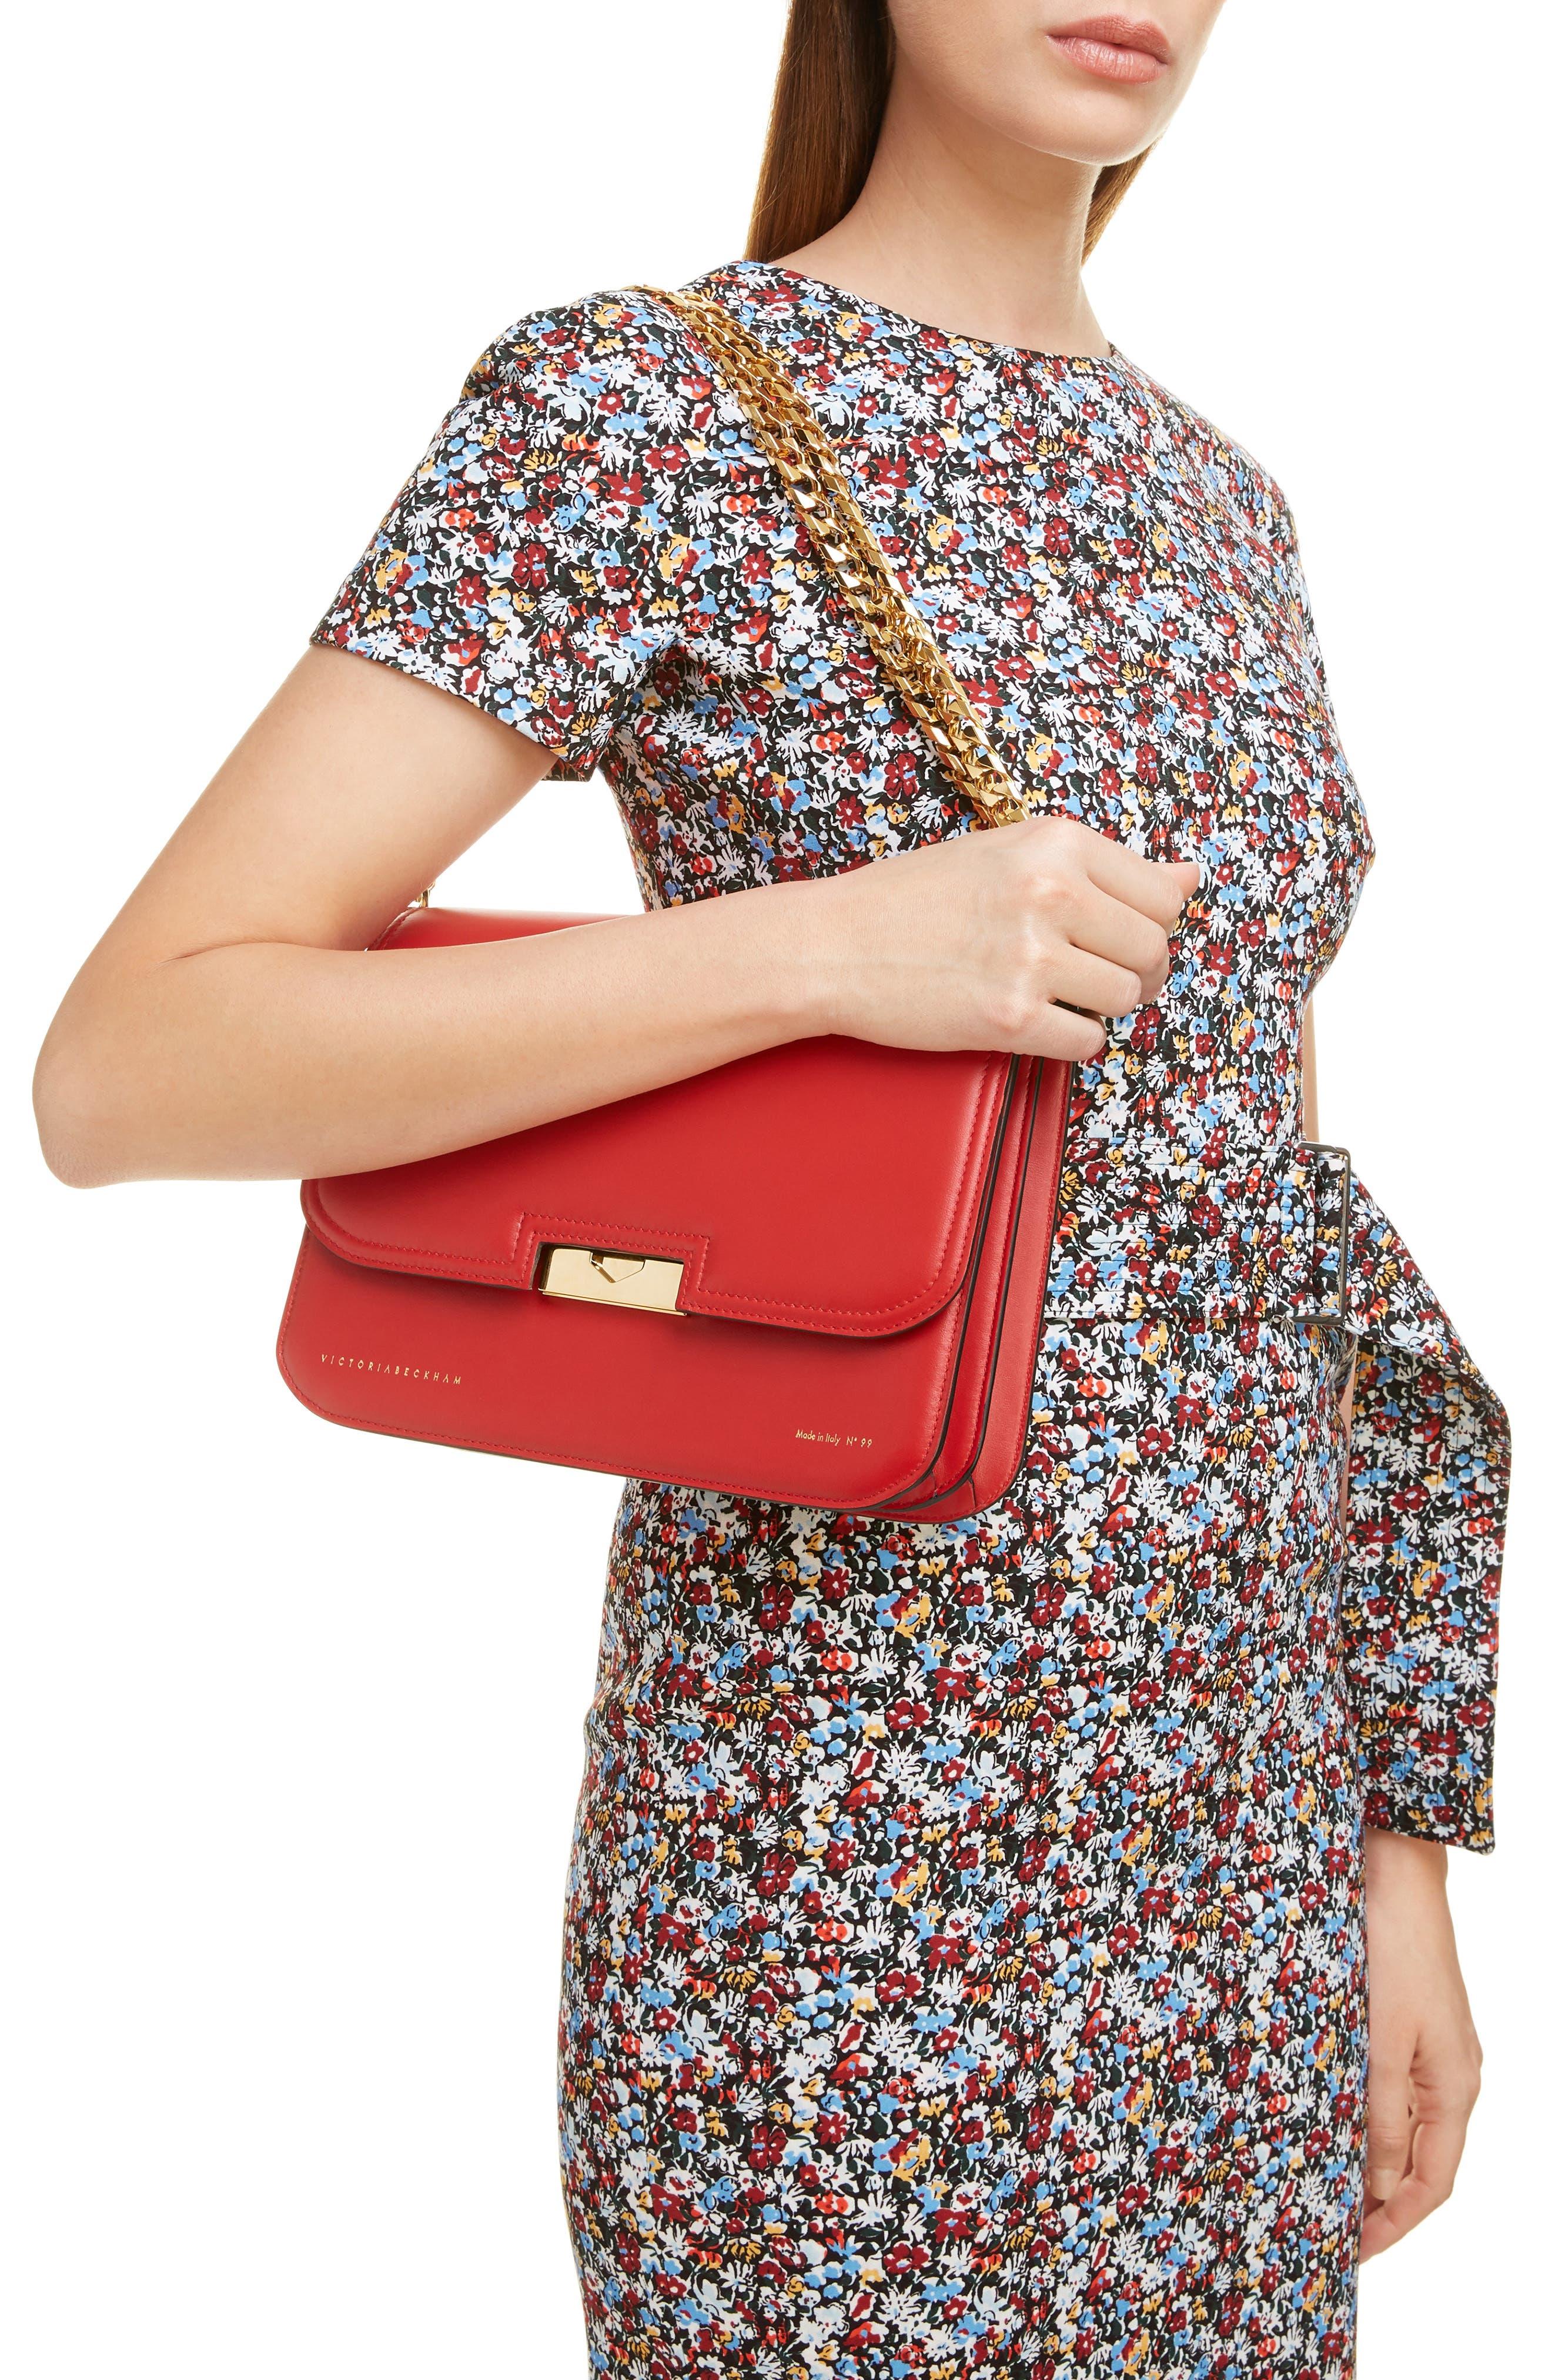 VICTORIA BECKHAM, Eva Leather Shoulder Bag, Alternate thumbnail 2, color, RED